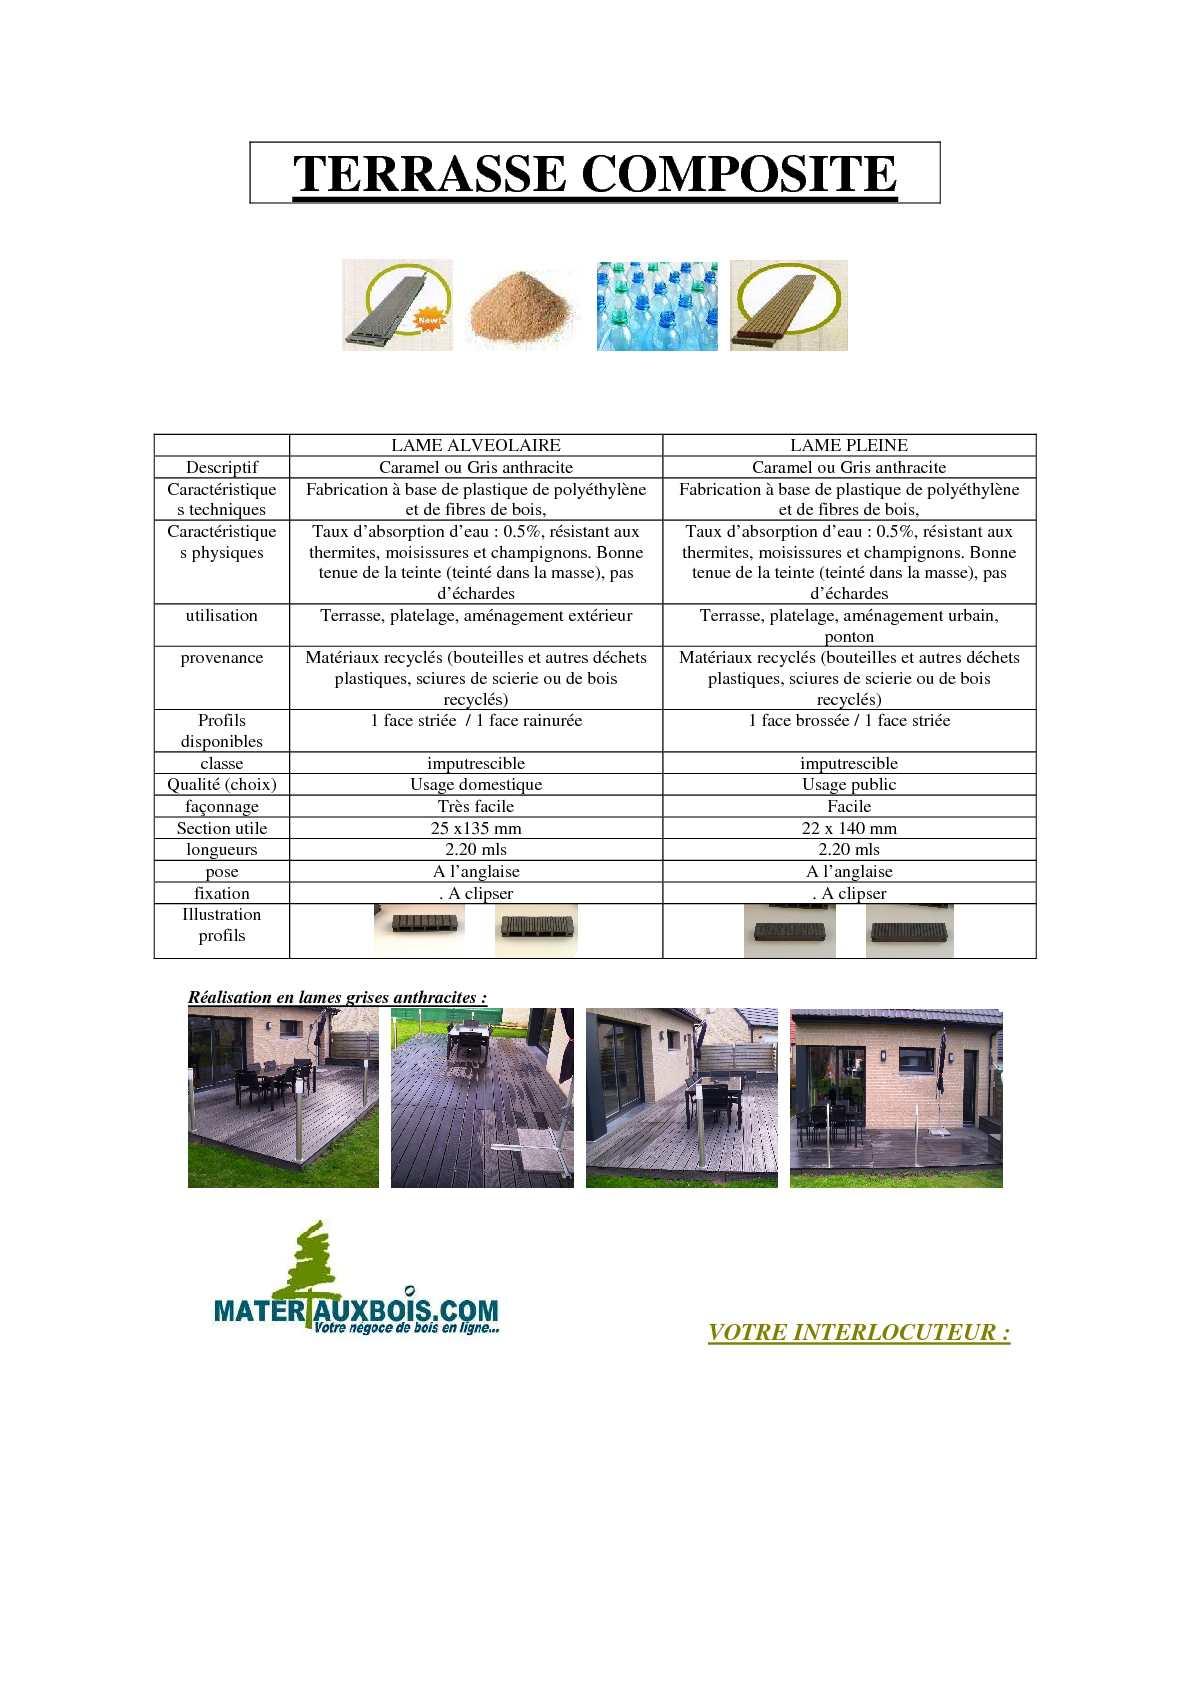 Calaméo Fiche Terrasse Composite